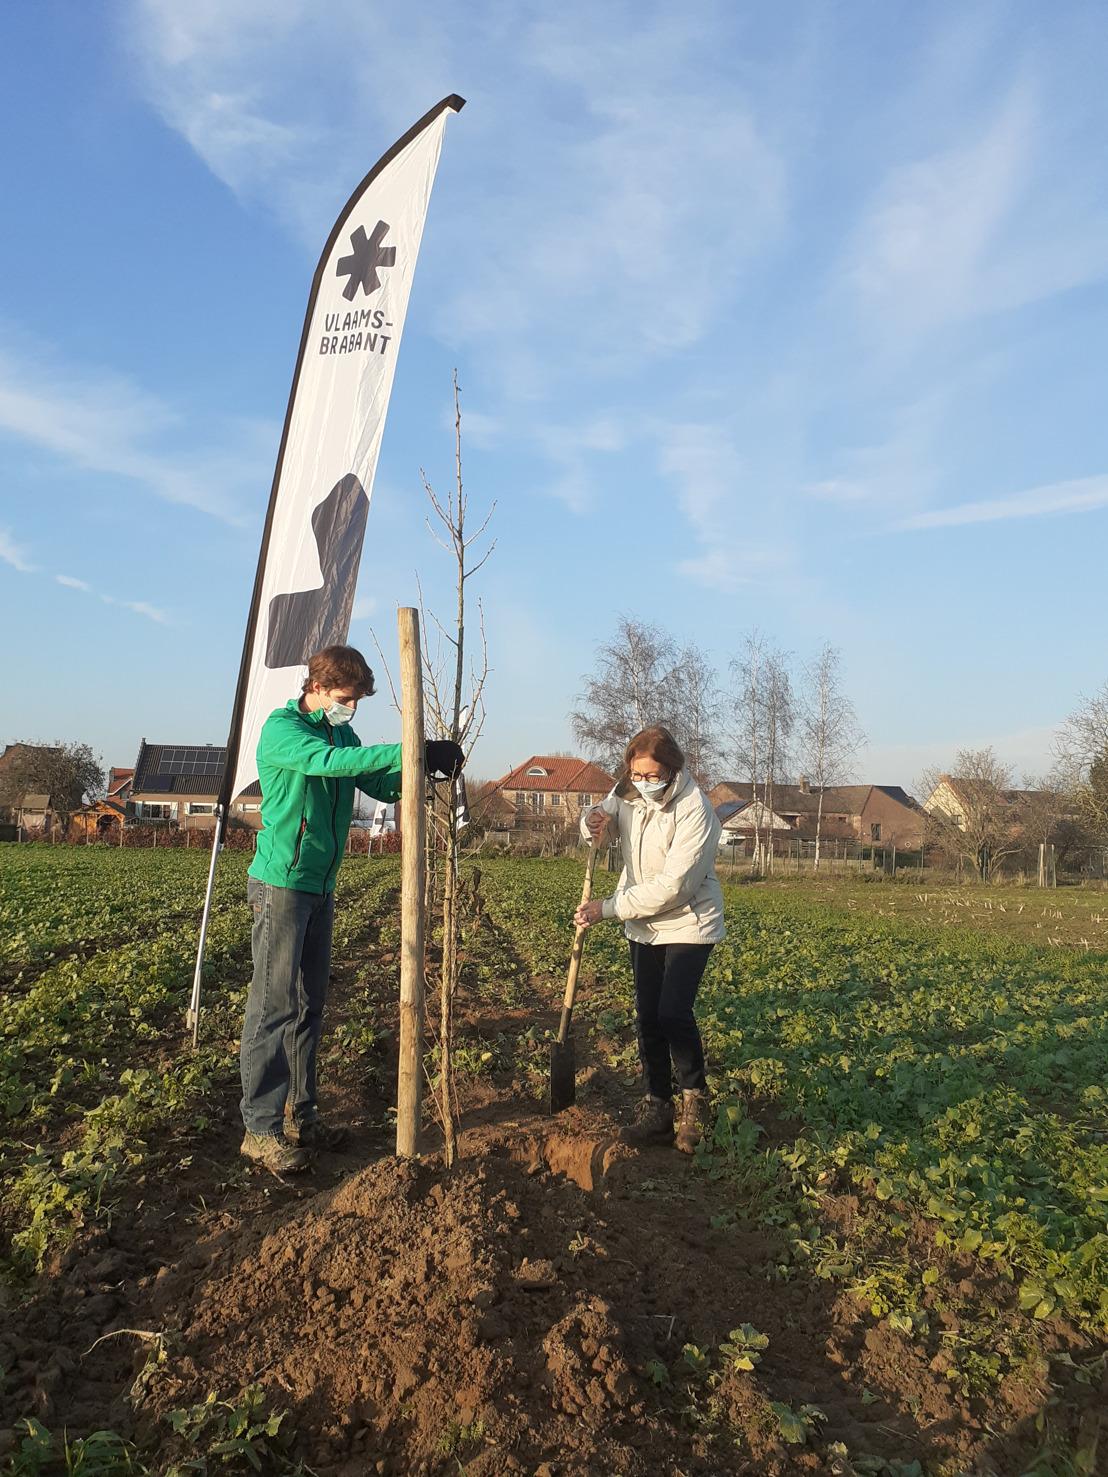 Boslandbouw op de Vlaamse kaart zetten. Proefperceel in Herent aangeplant